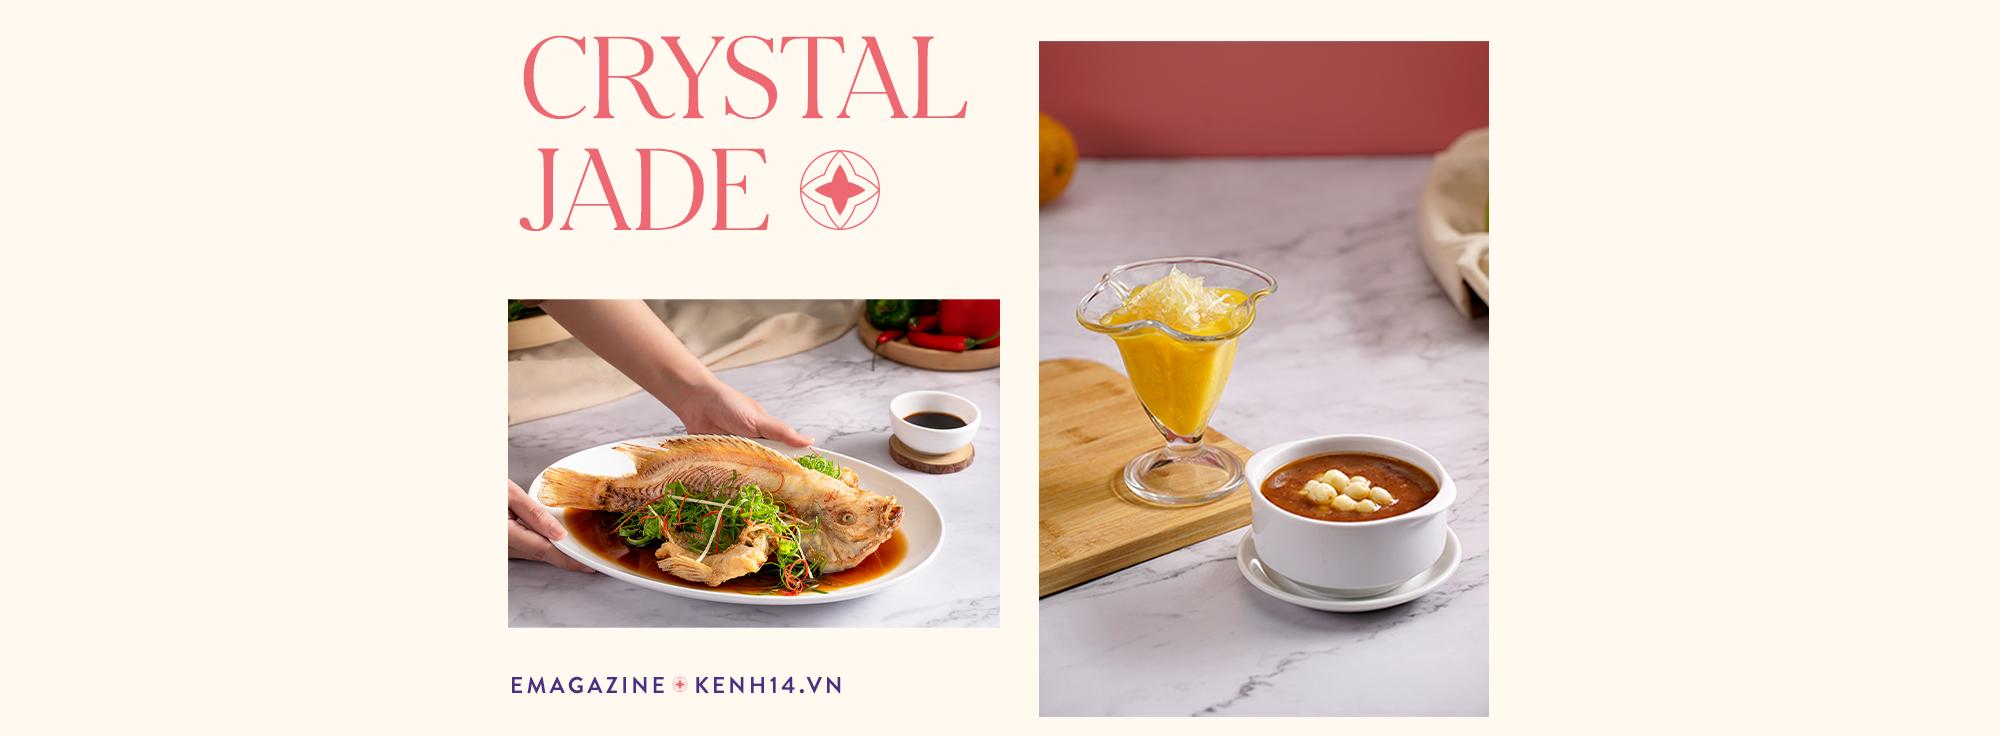 Hành trình mang phong vị ẩm thực Hồng Kông 30 năm đẳng cấp Michelin từ Singapore tới Hà Nội - Ảnh 9.